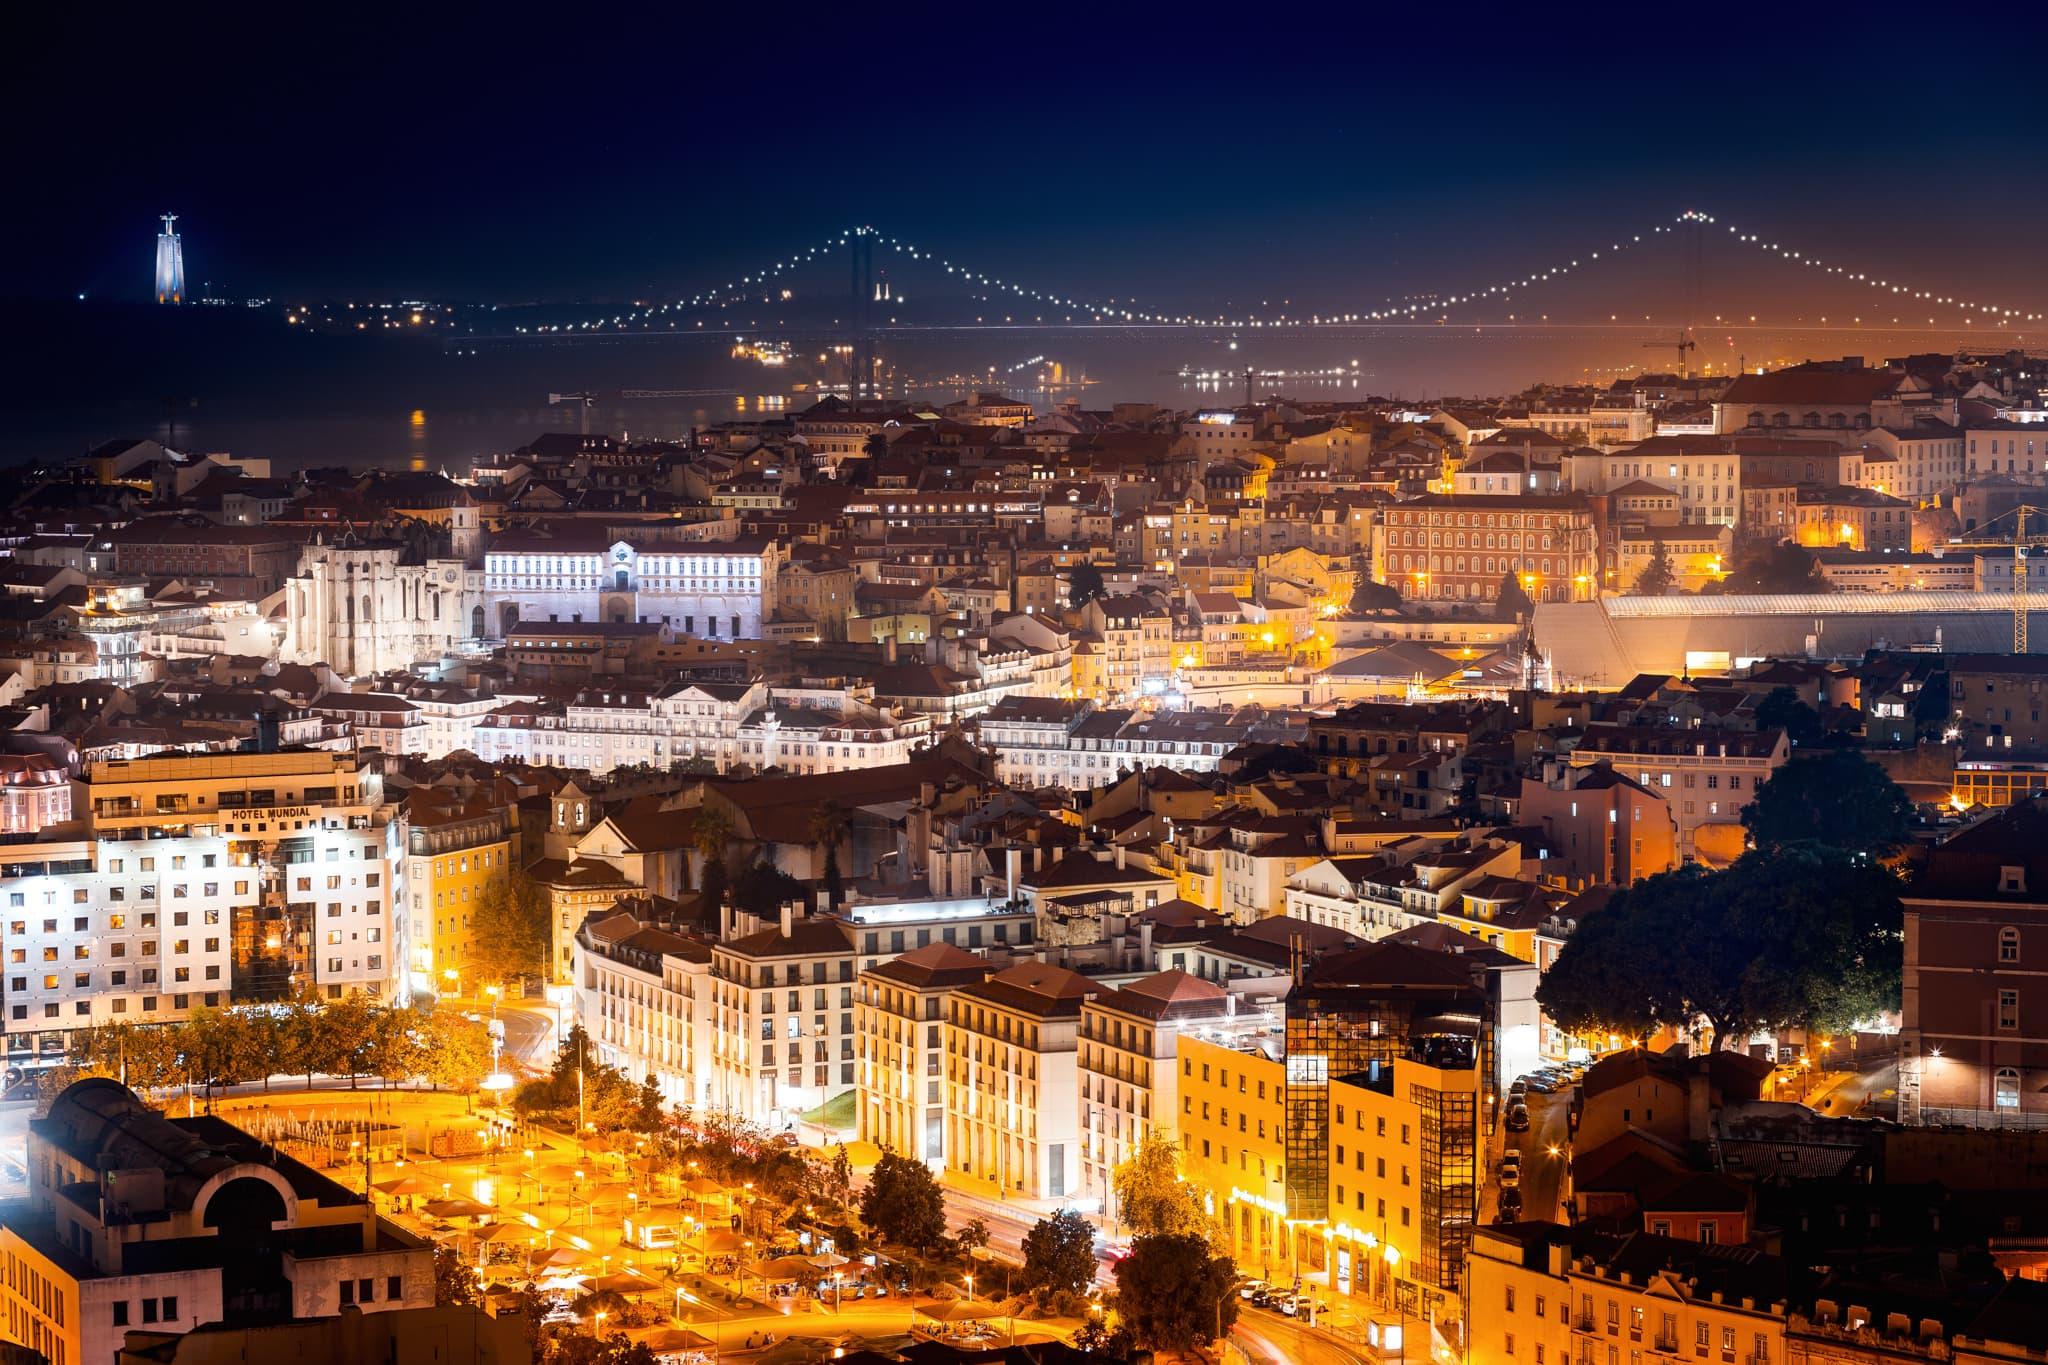 Lissabon bei Nacht mit Brücke im Hintergrund, Portugal, Europa